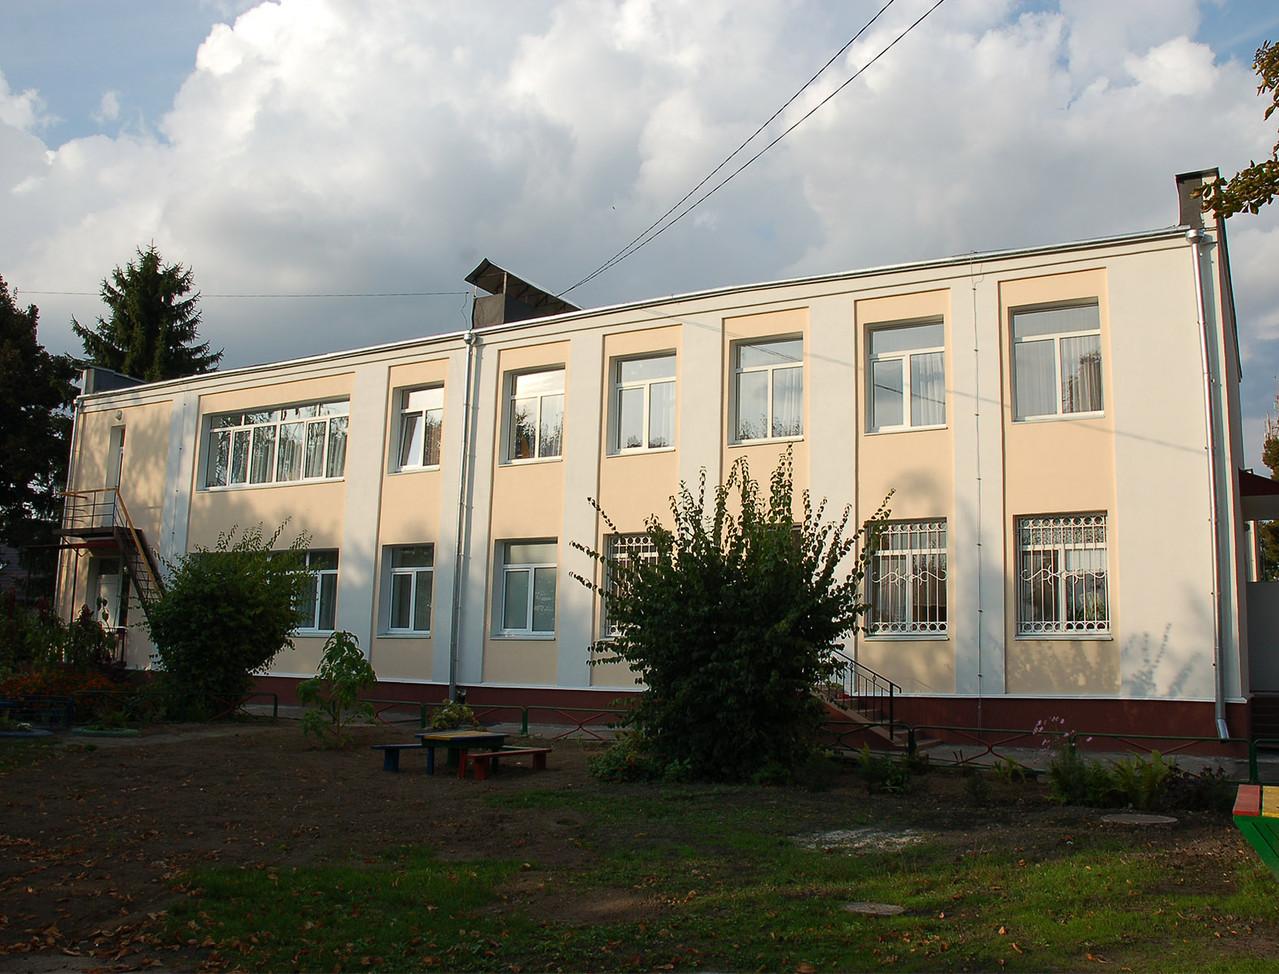 Капітальний ремонт дошкільного навчального закладу №3 в м. Бориспіль по вул. Гришинська, 1